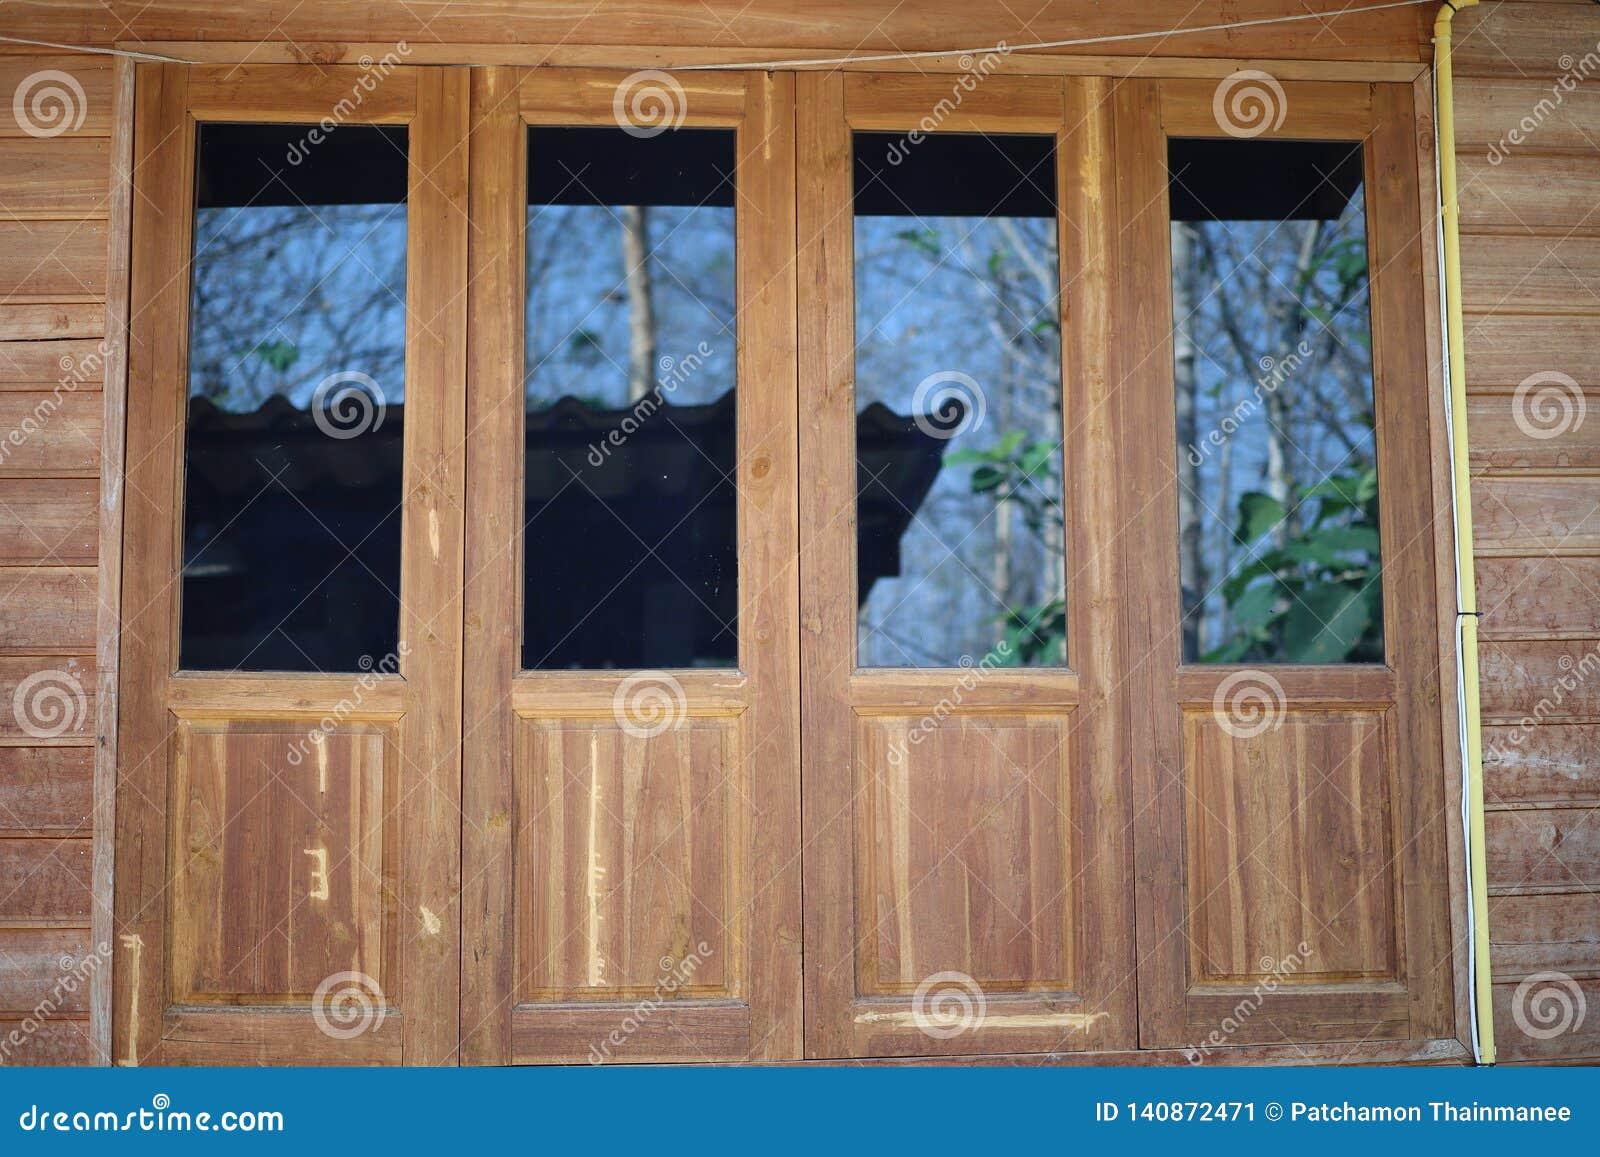 Puertas De Madera Grandes Vidrio Negro Estilo Del Vintage Imagen